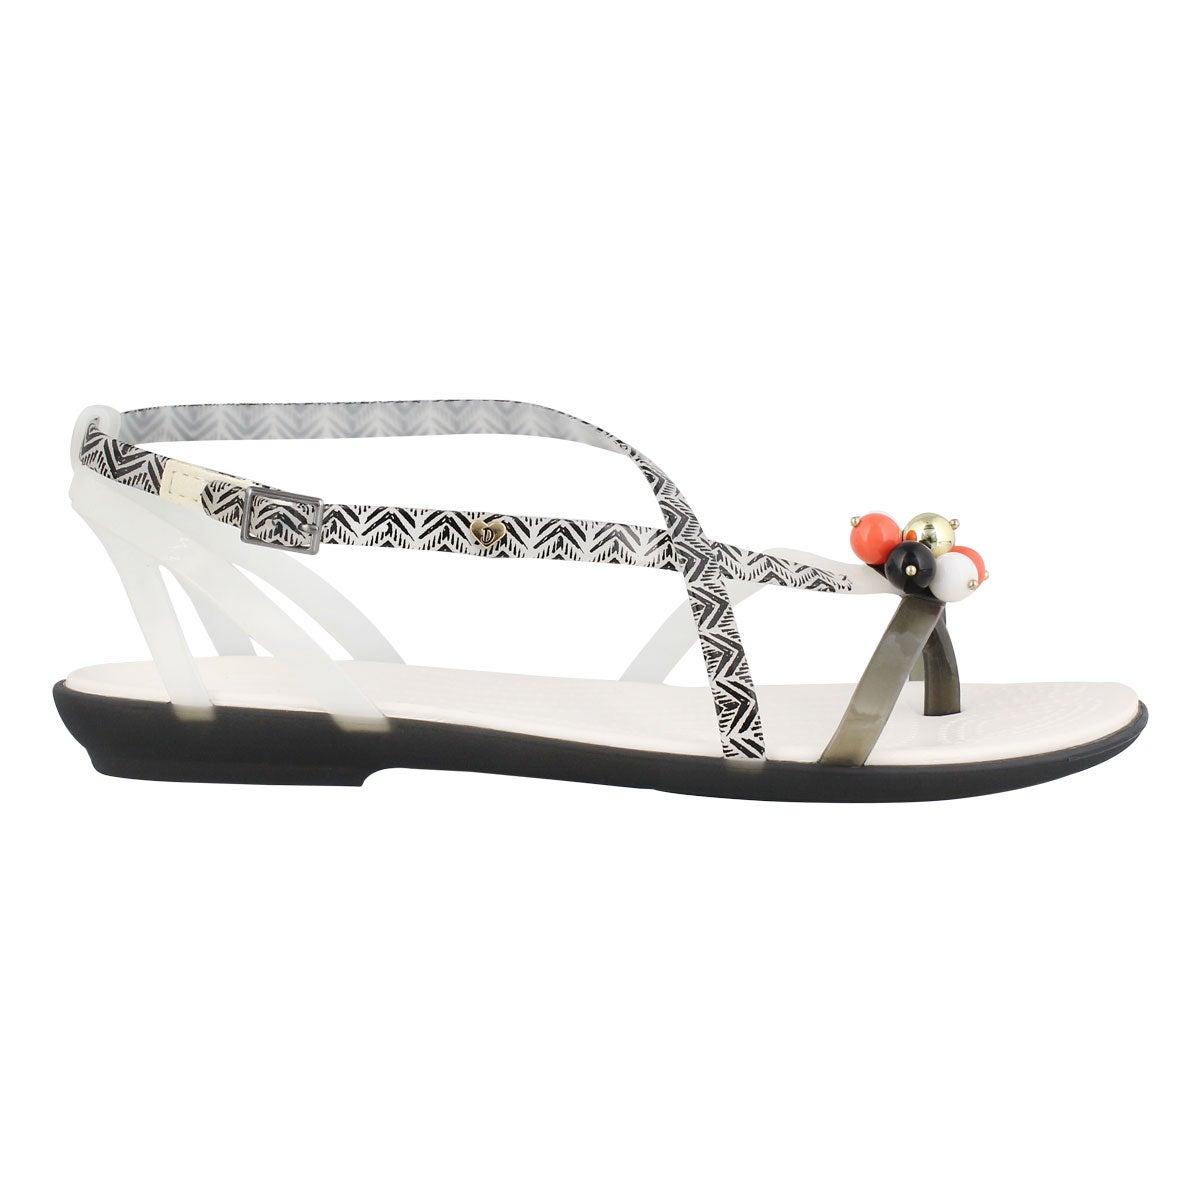 Lds Drew Isabella black/white sandal